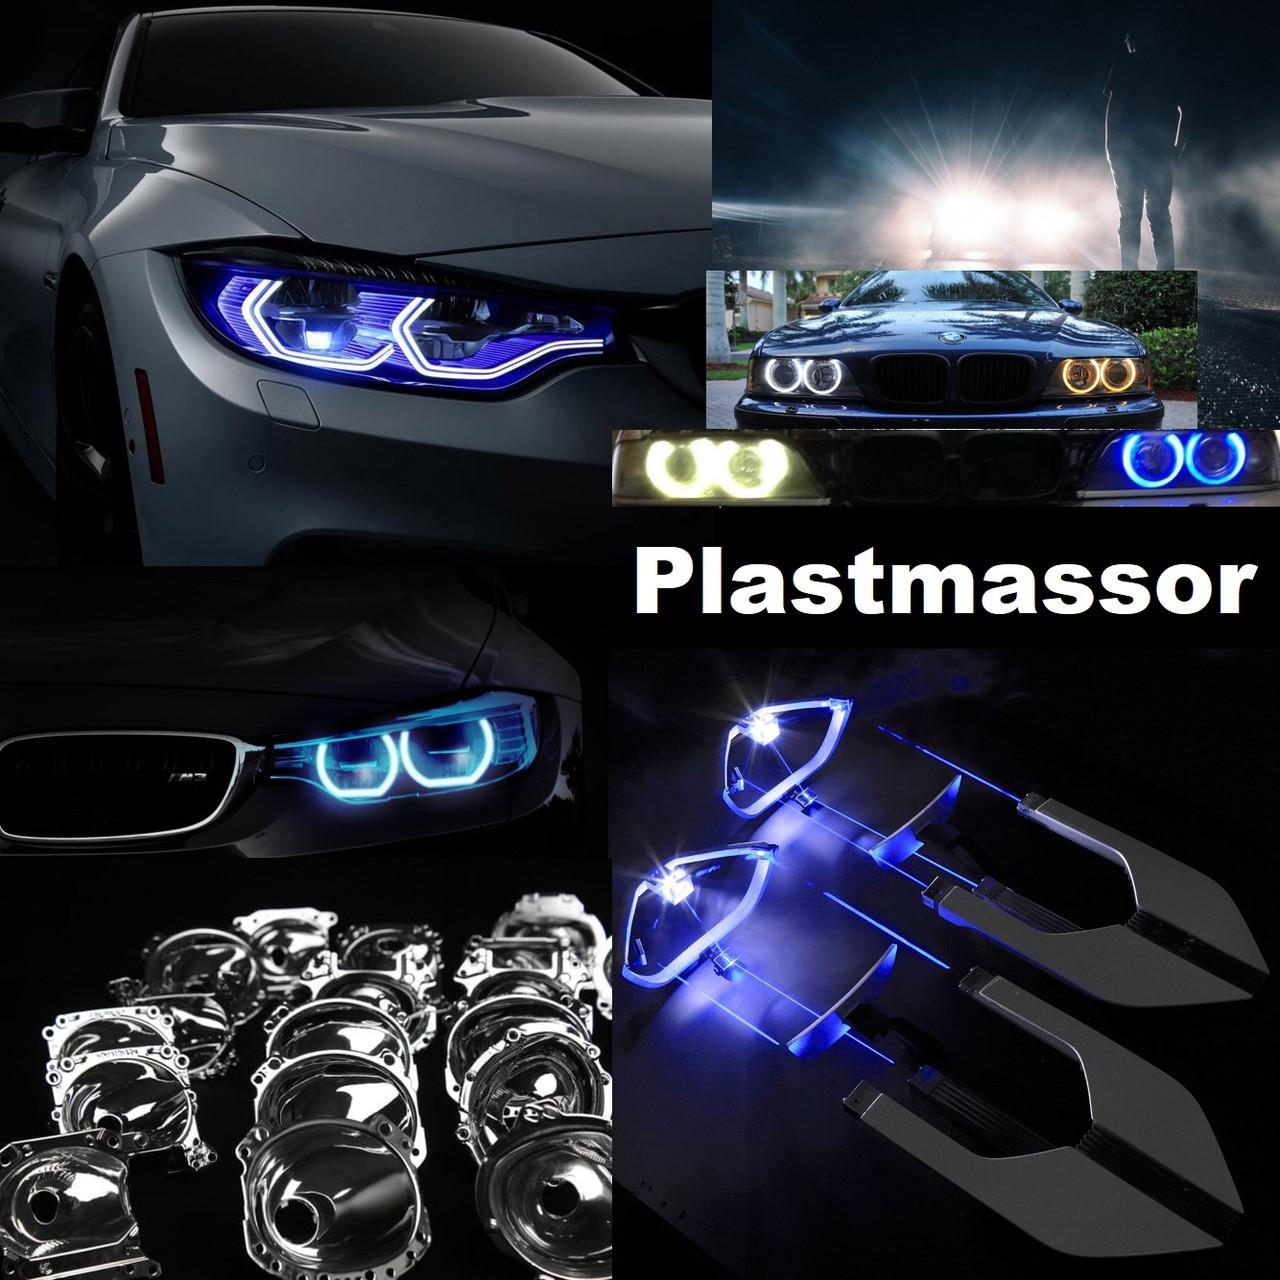 Ремонт Plastmassor вакуумная металлизация восстановление отражателей фар Bentley